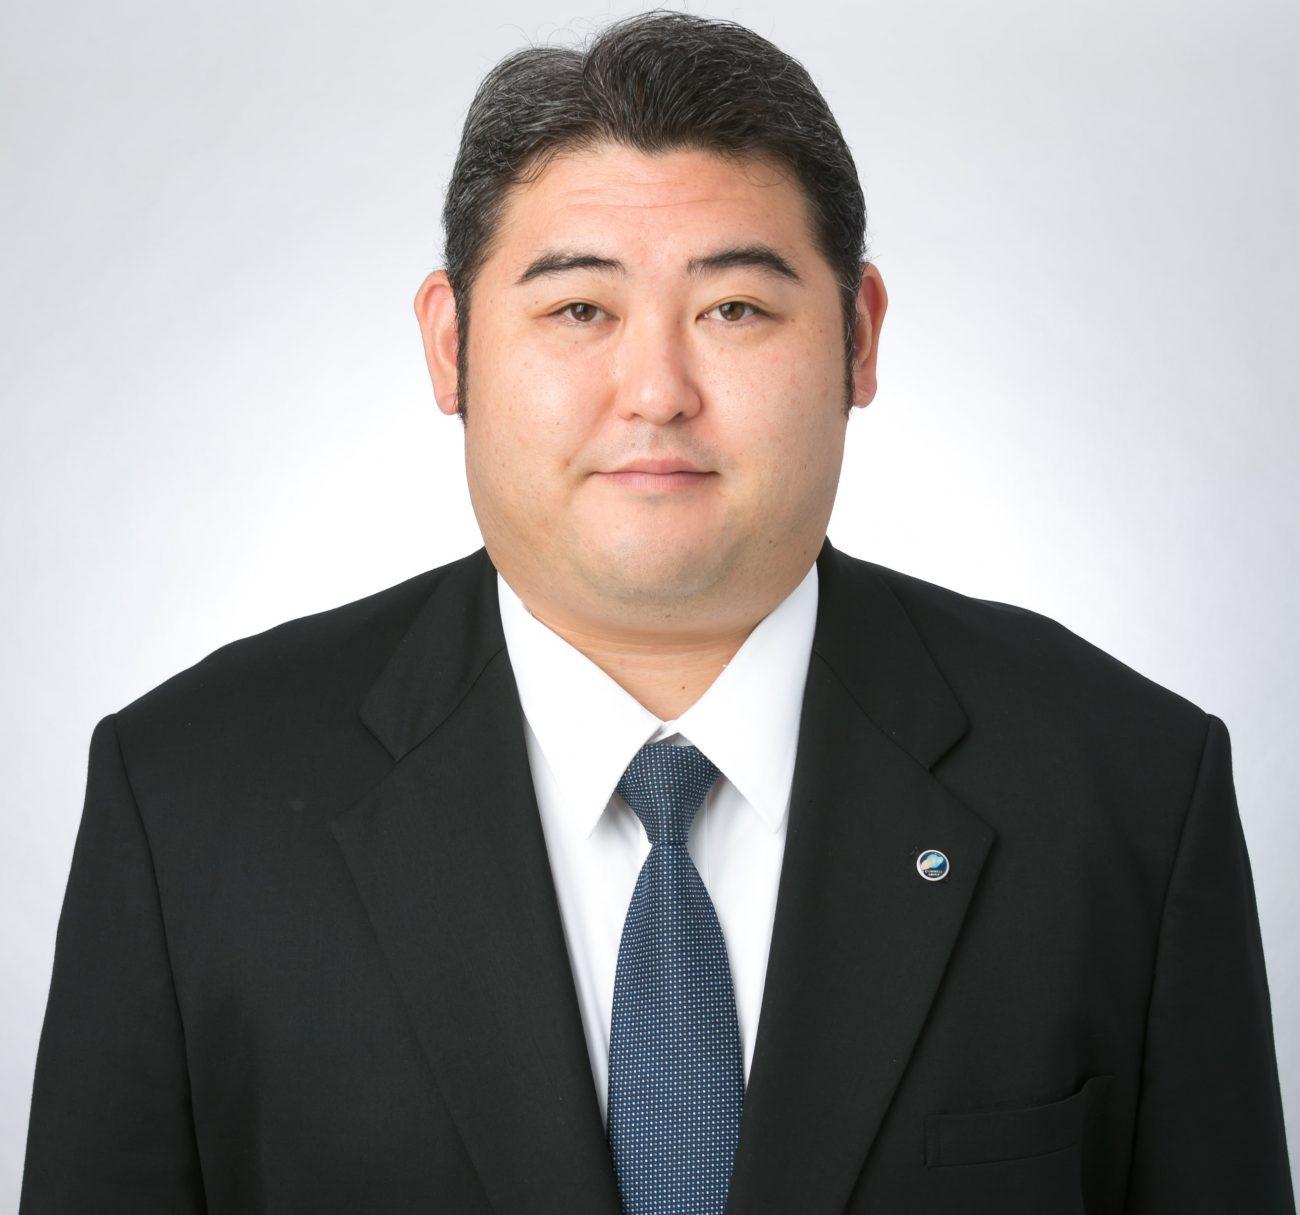 吉田 圭祐